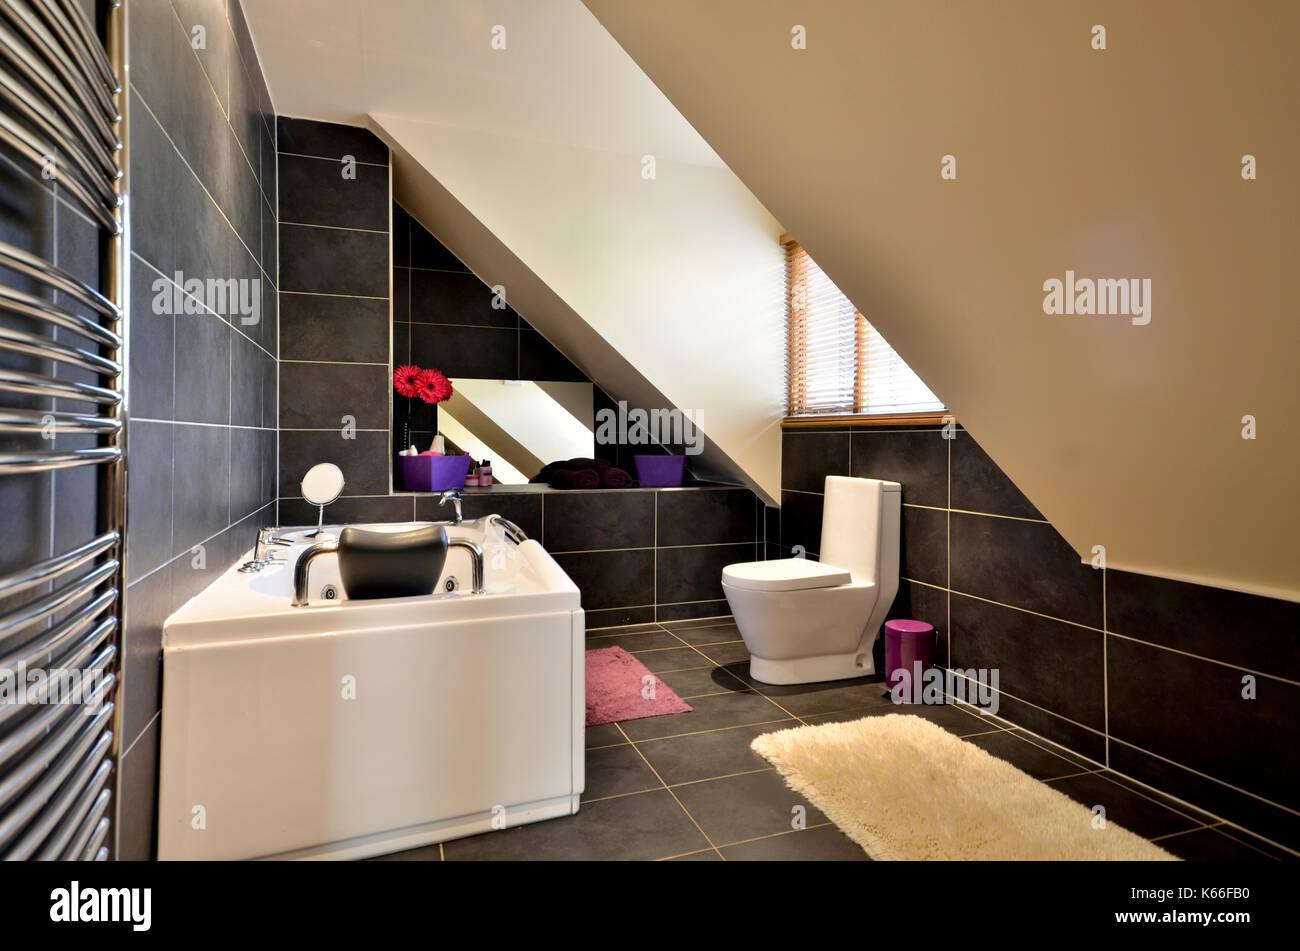 Piastrelle nere secondo bagno in mansarda spazio foto immagine